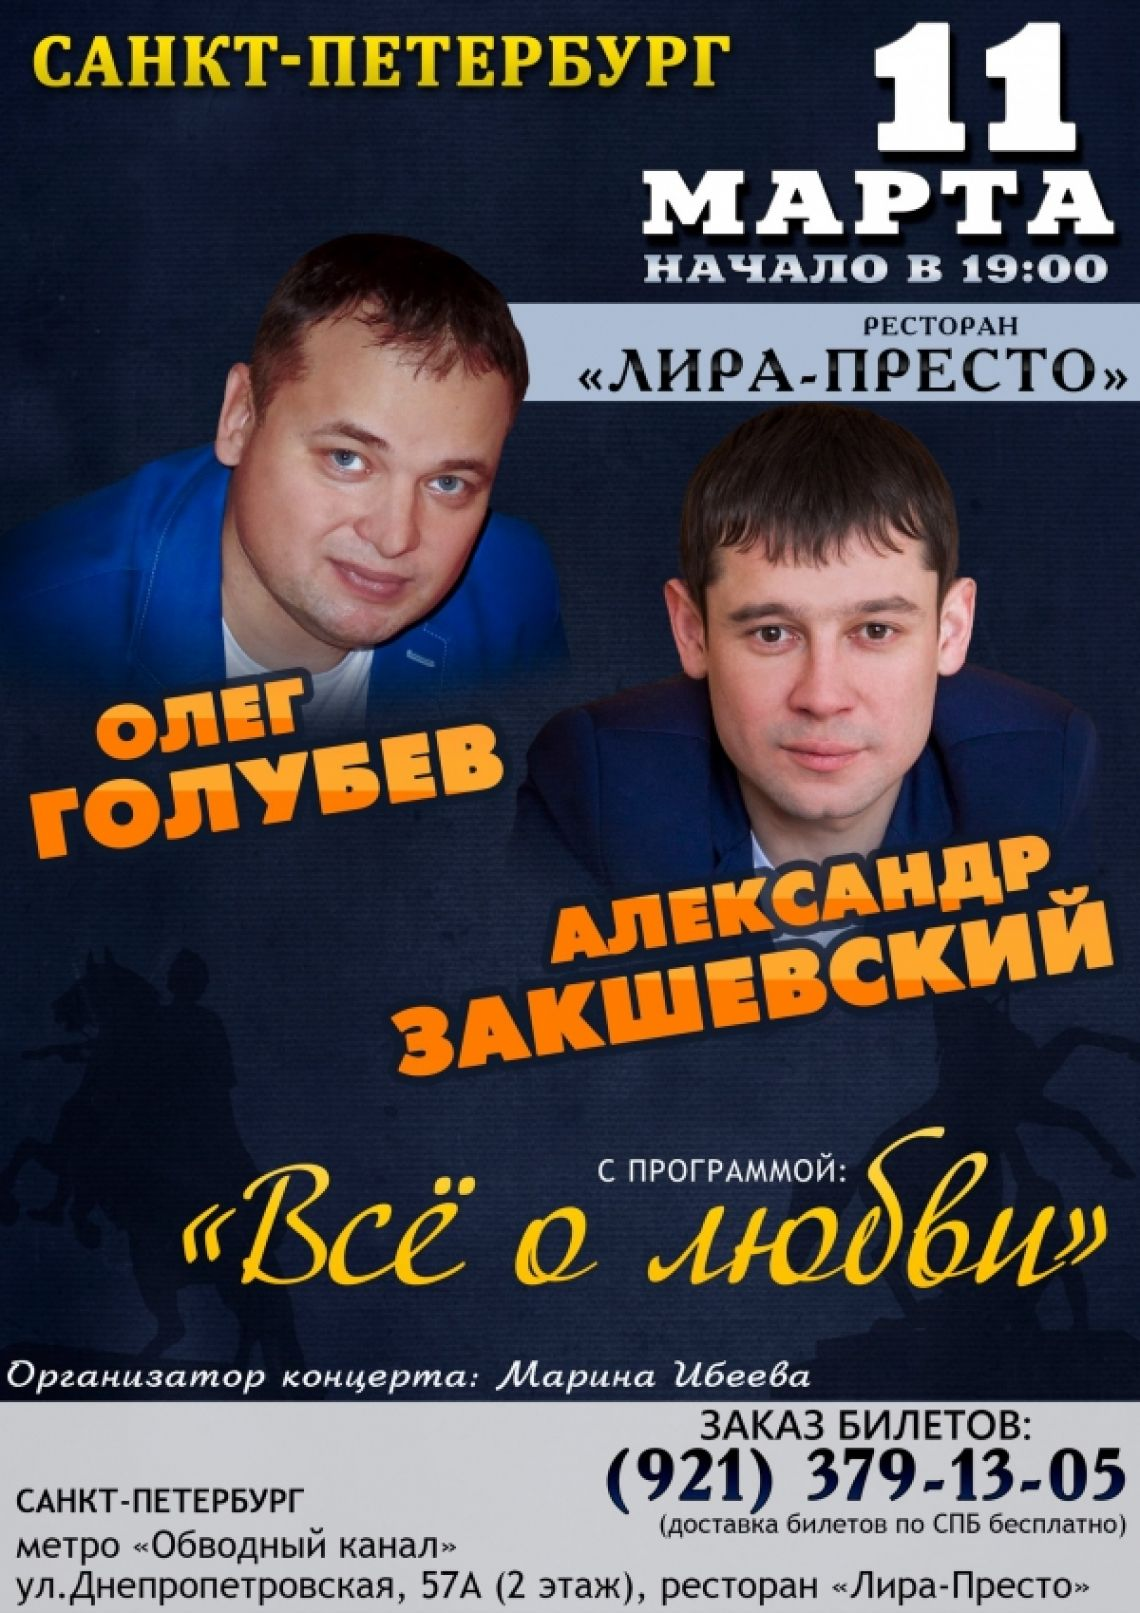 Концерт Александра Закшевского и Олега Голубева в Санкт-Петербурге